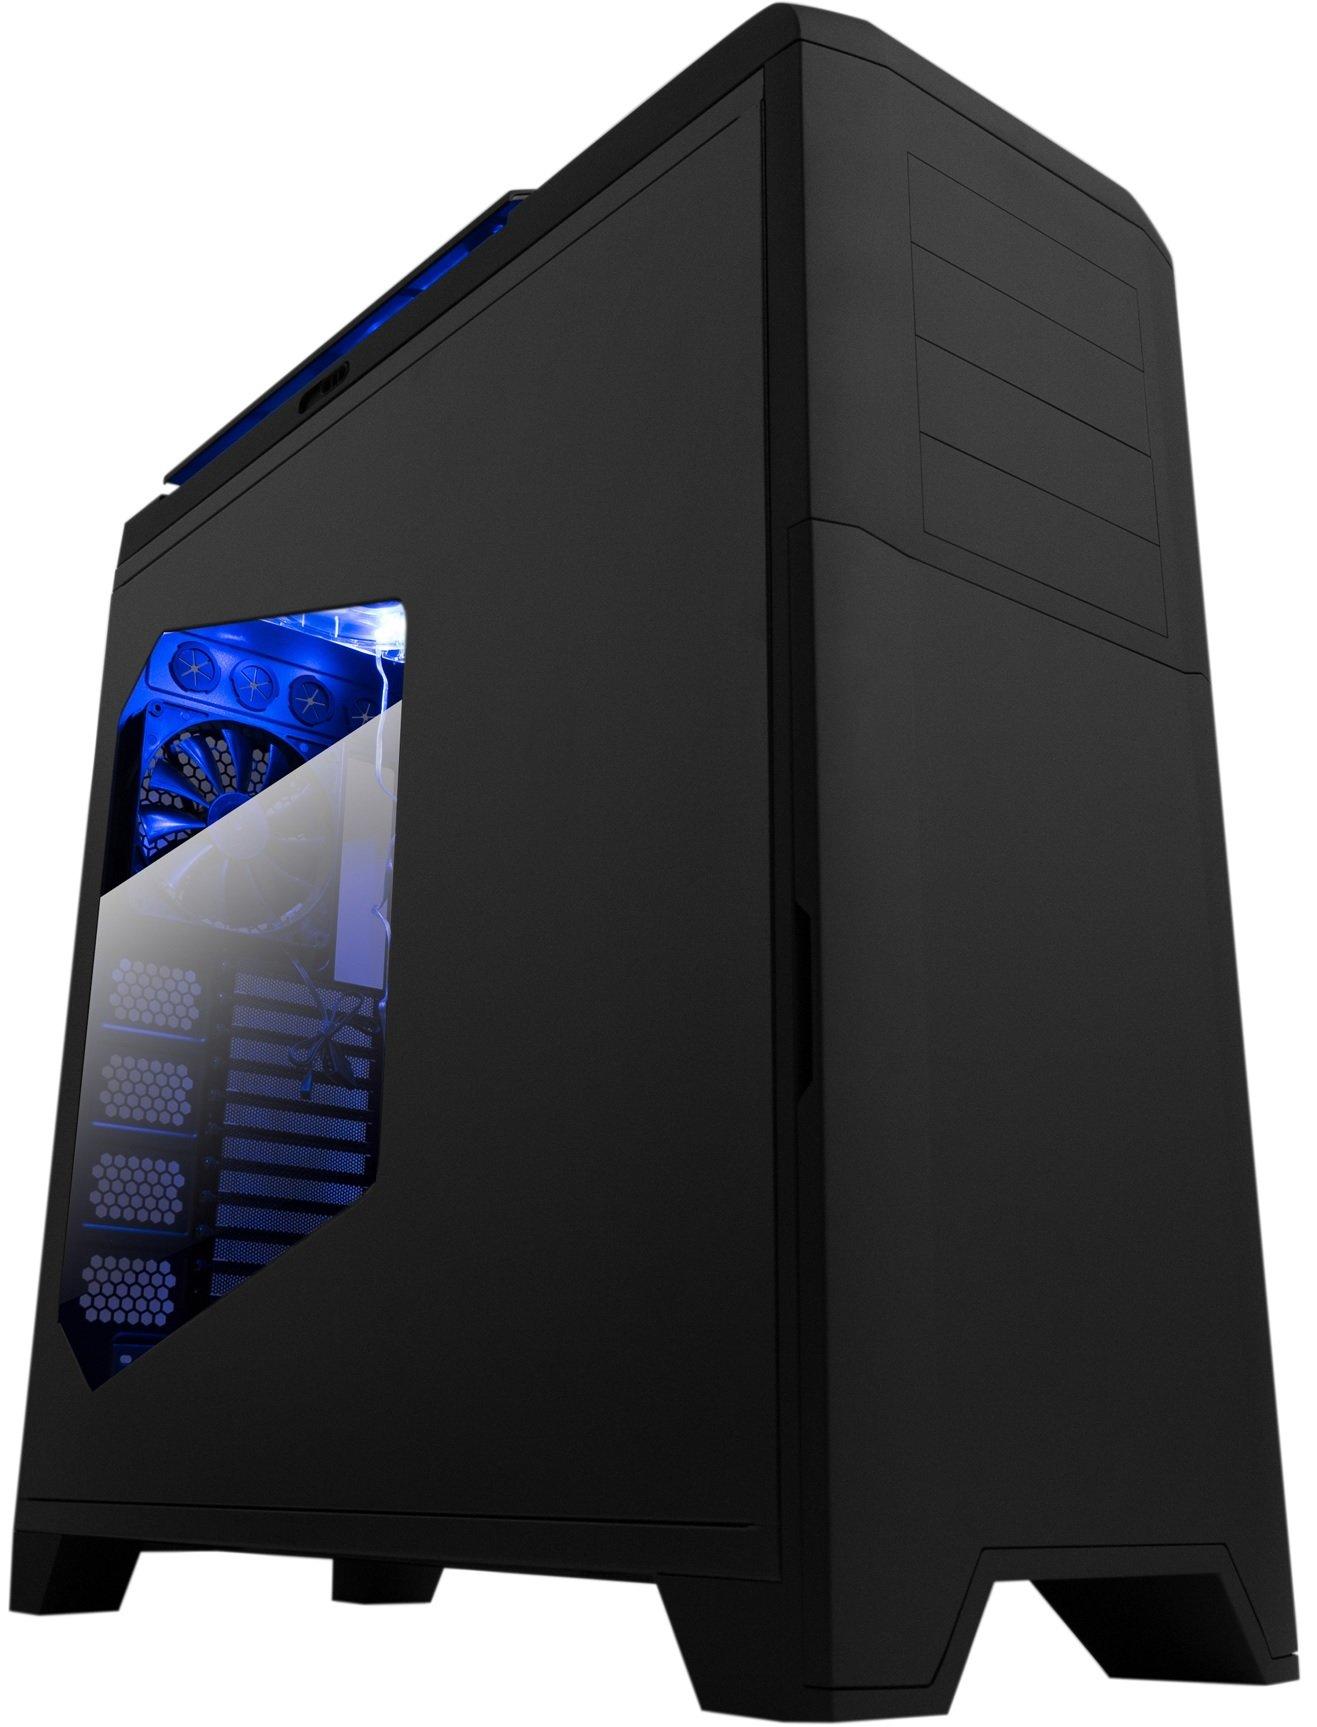 Rosewill B2 SPIRIT ATX Full Tower Gaming Computer Case B2 SPIRIT